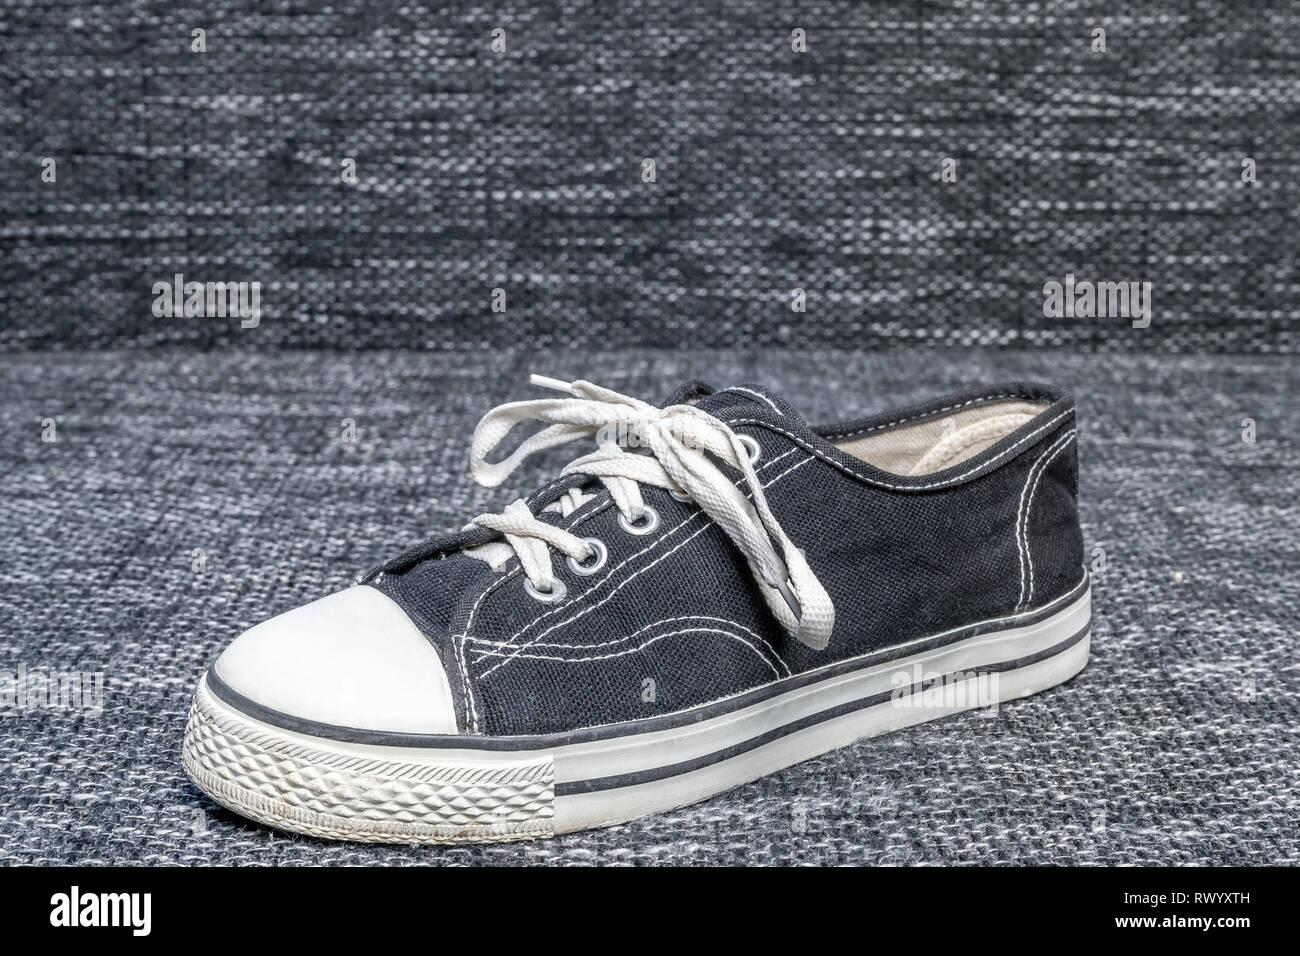 low priced d8db5 d05f3 Un vecchio all-star scarpe che una volta era abbastanza ...